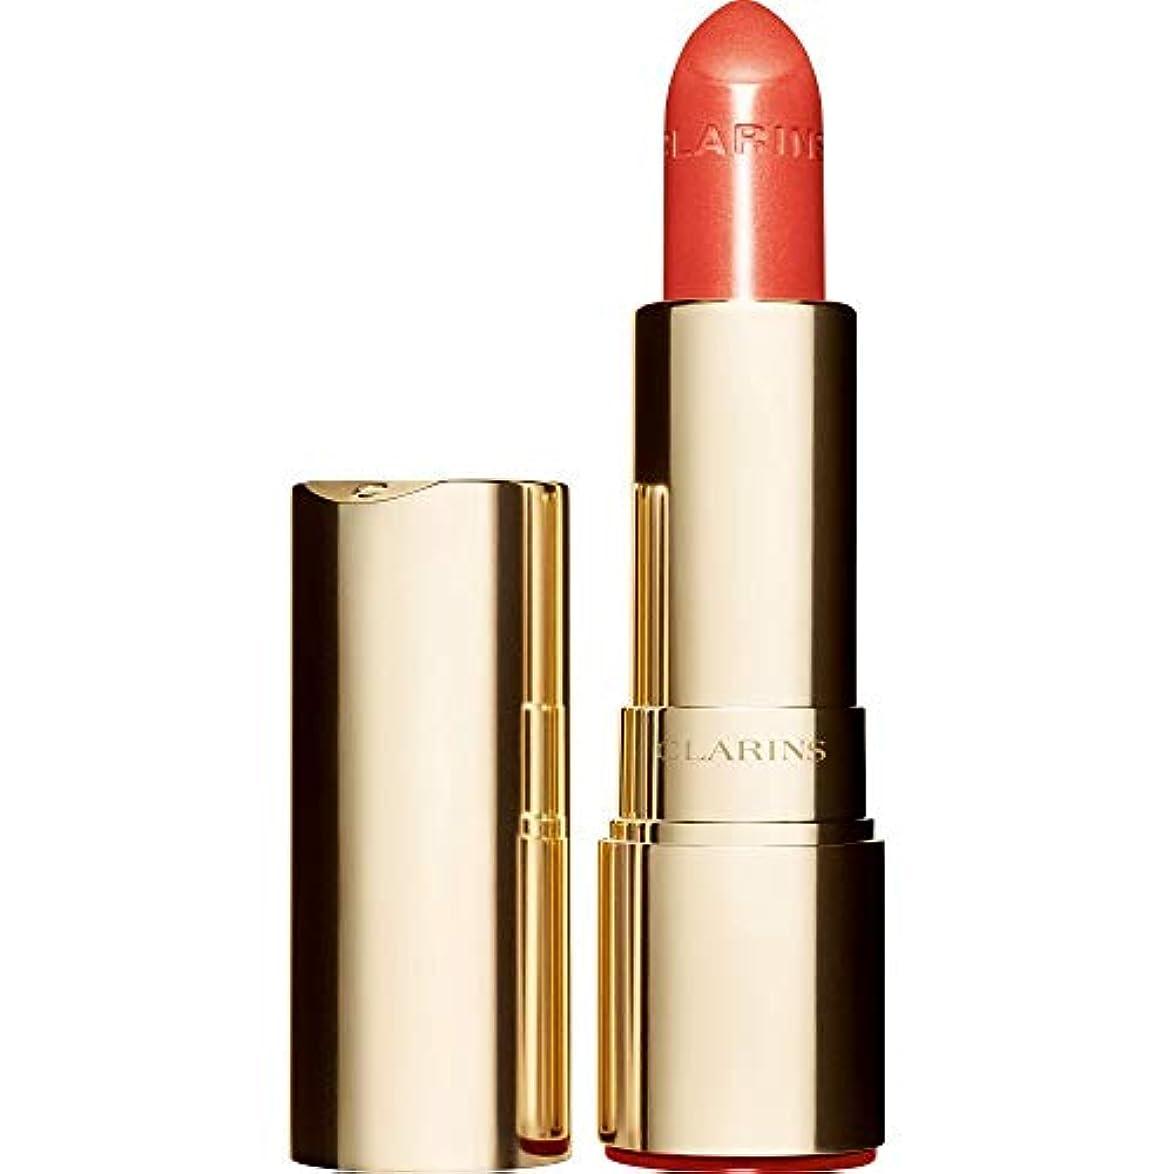 楽しいゴミコマンド[Clarins ] クラランスジョリルージュブリリアント口紅3.5グラムの711S - パパイヤ - Clarins Joli Rouge Brillant Lipstick 3.5g 711S - Papaya [並行輸入品]